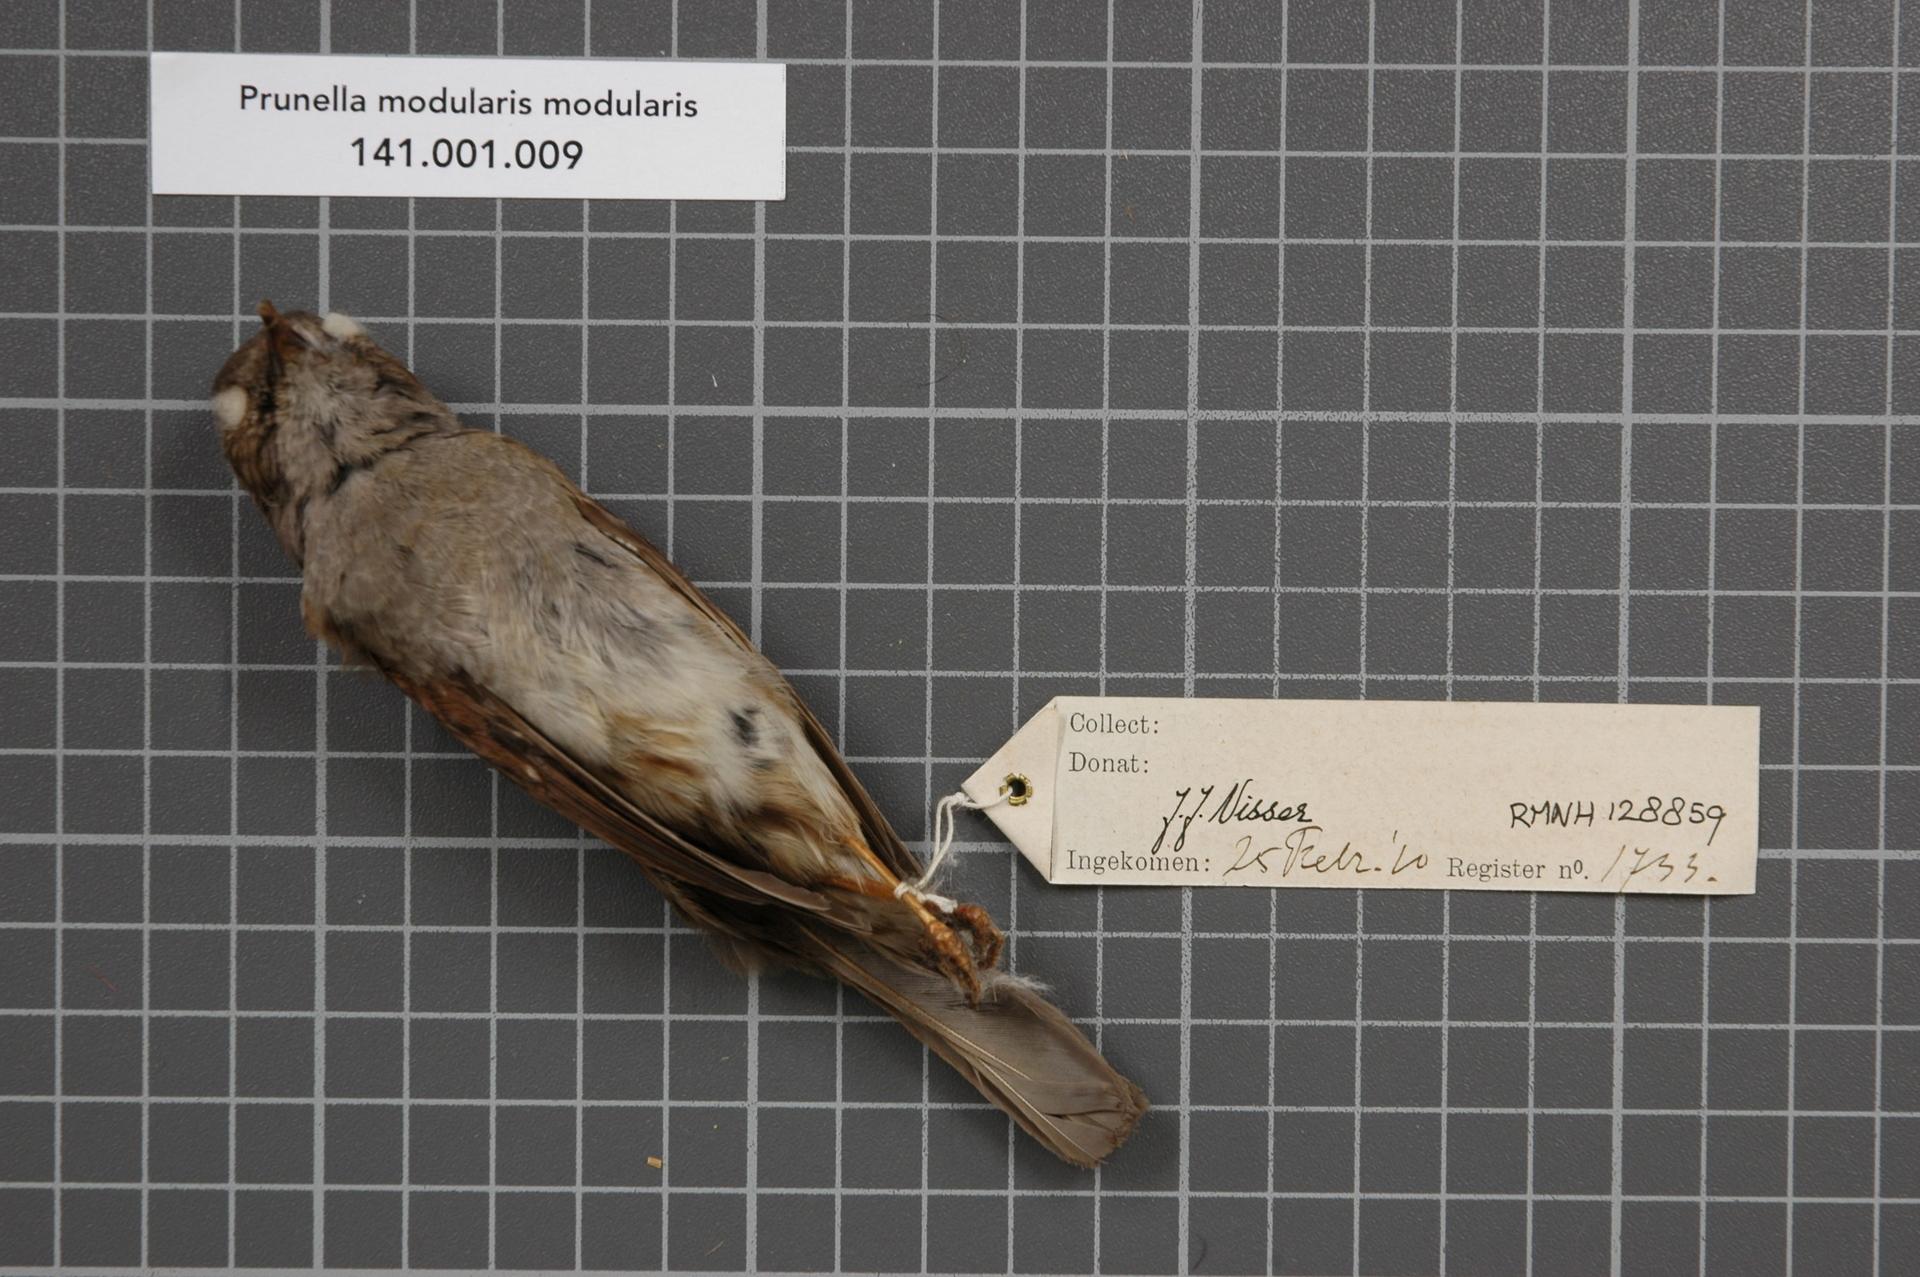 RMNH.AVES.128859 | Prunella modularis modularis (Linnaeus, 1758)